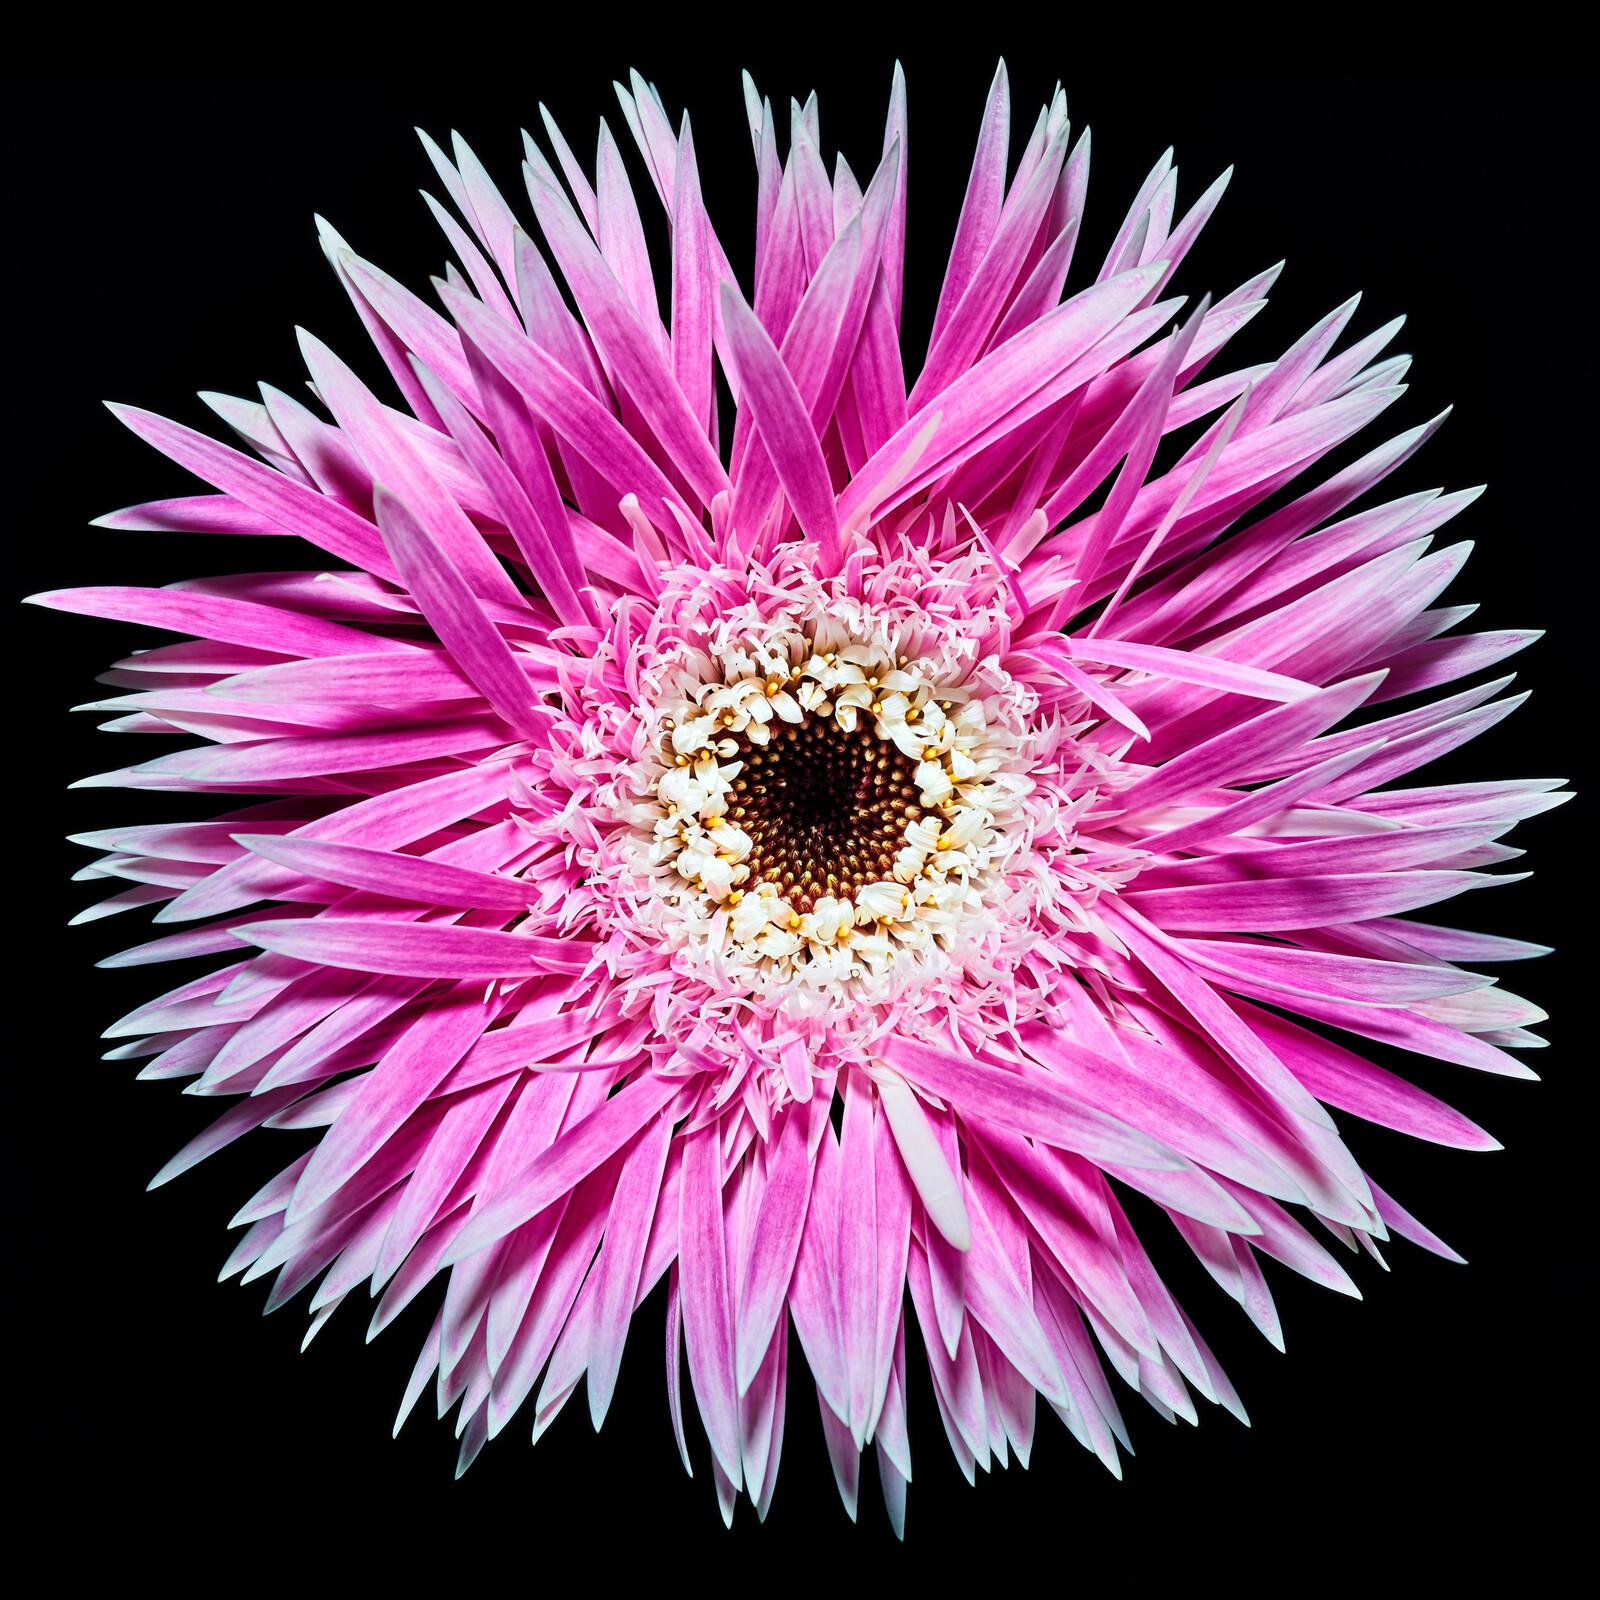 Blossom II - Heiko Hellwig